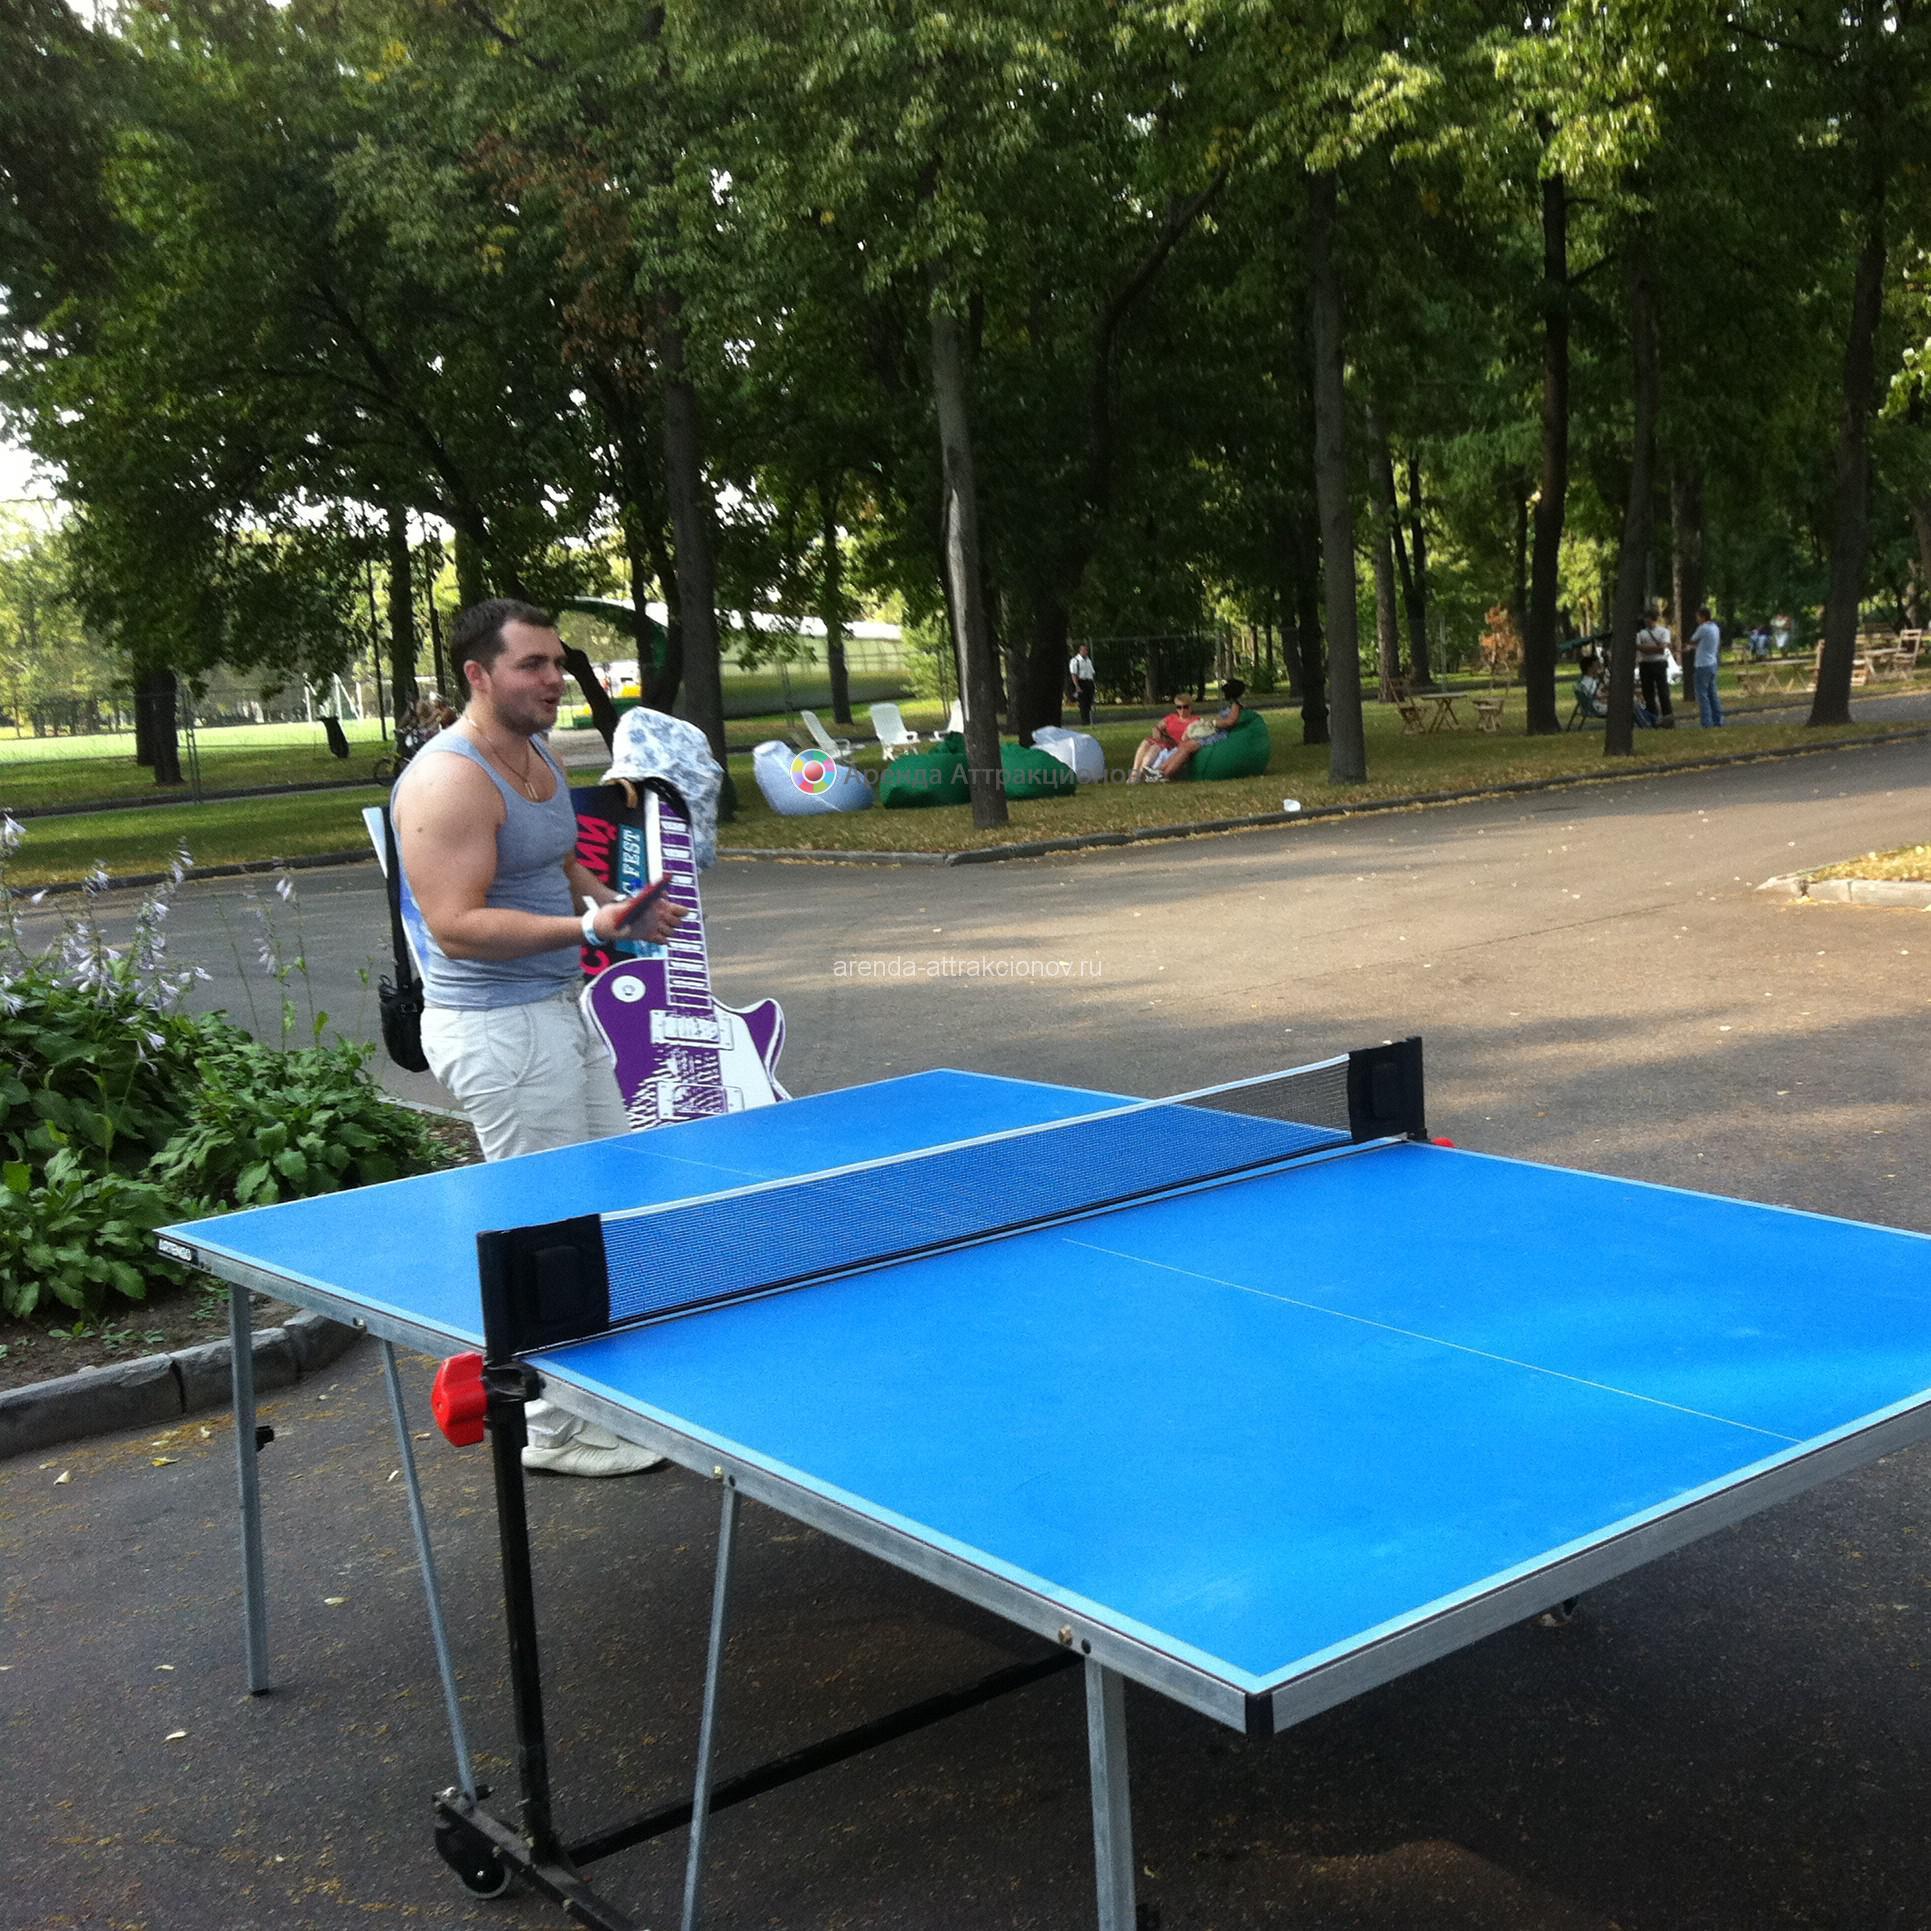 Стол для игры в пинг-понг в аренду на мероприятие